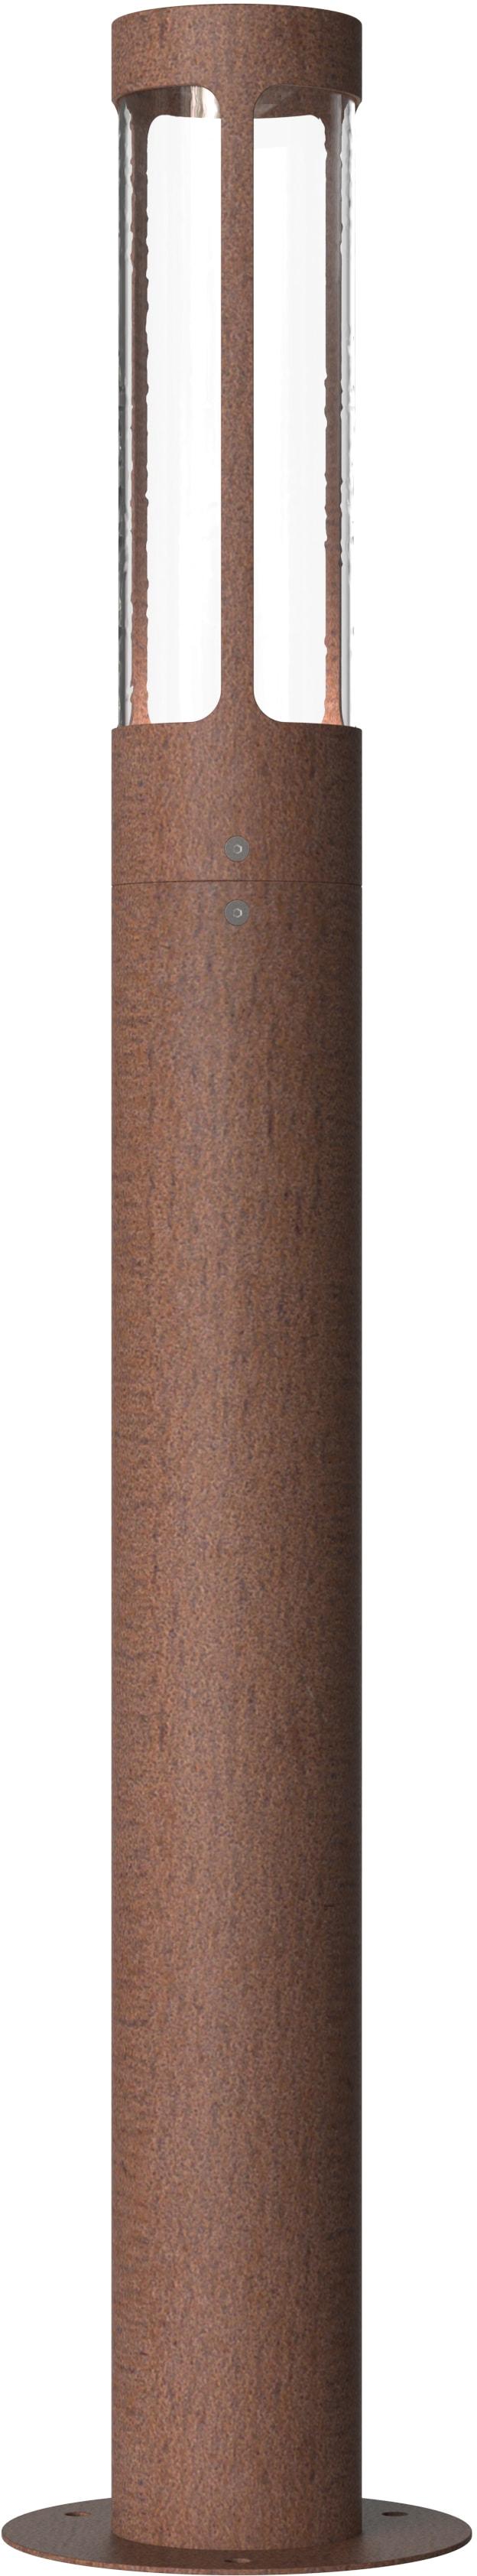 Nordlux,LED Sockelleuchte Helix